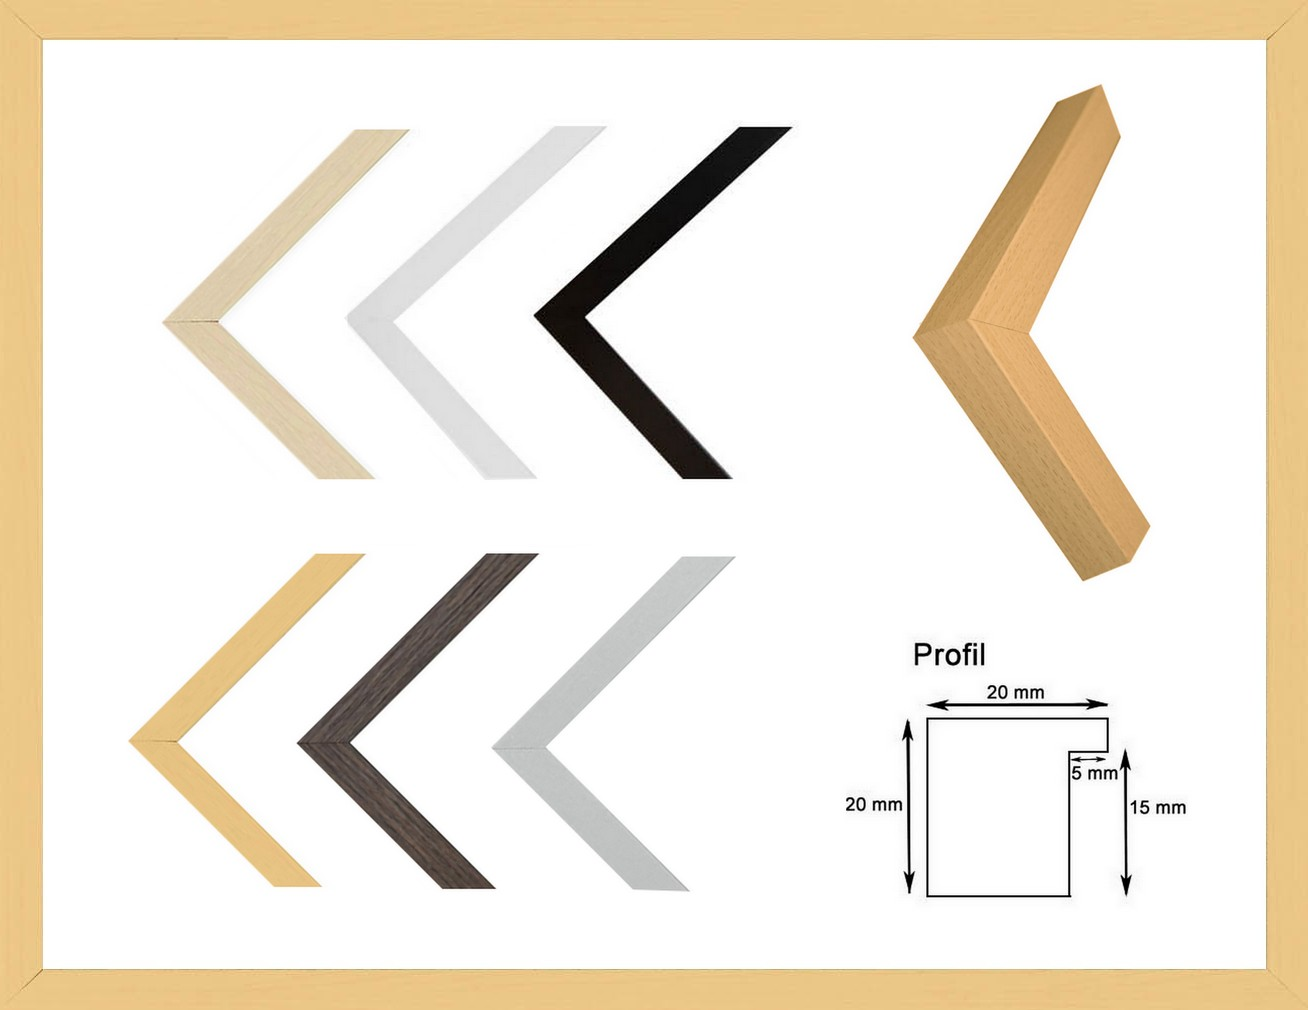 Texel Deluxe Bilderrahmen 28 x 36 cm Profil modern schlicht eckig   eBay